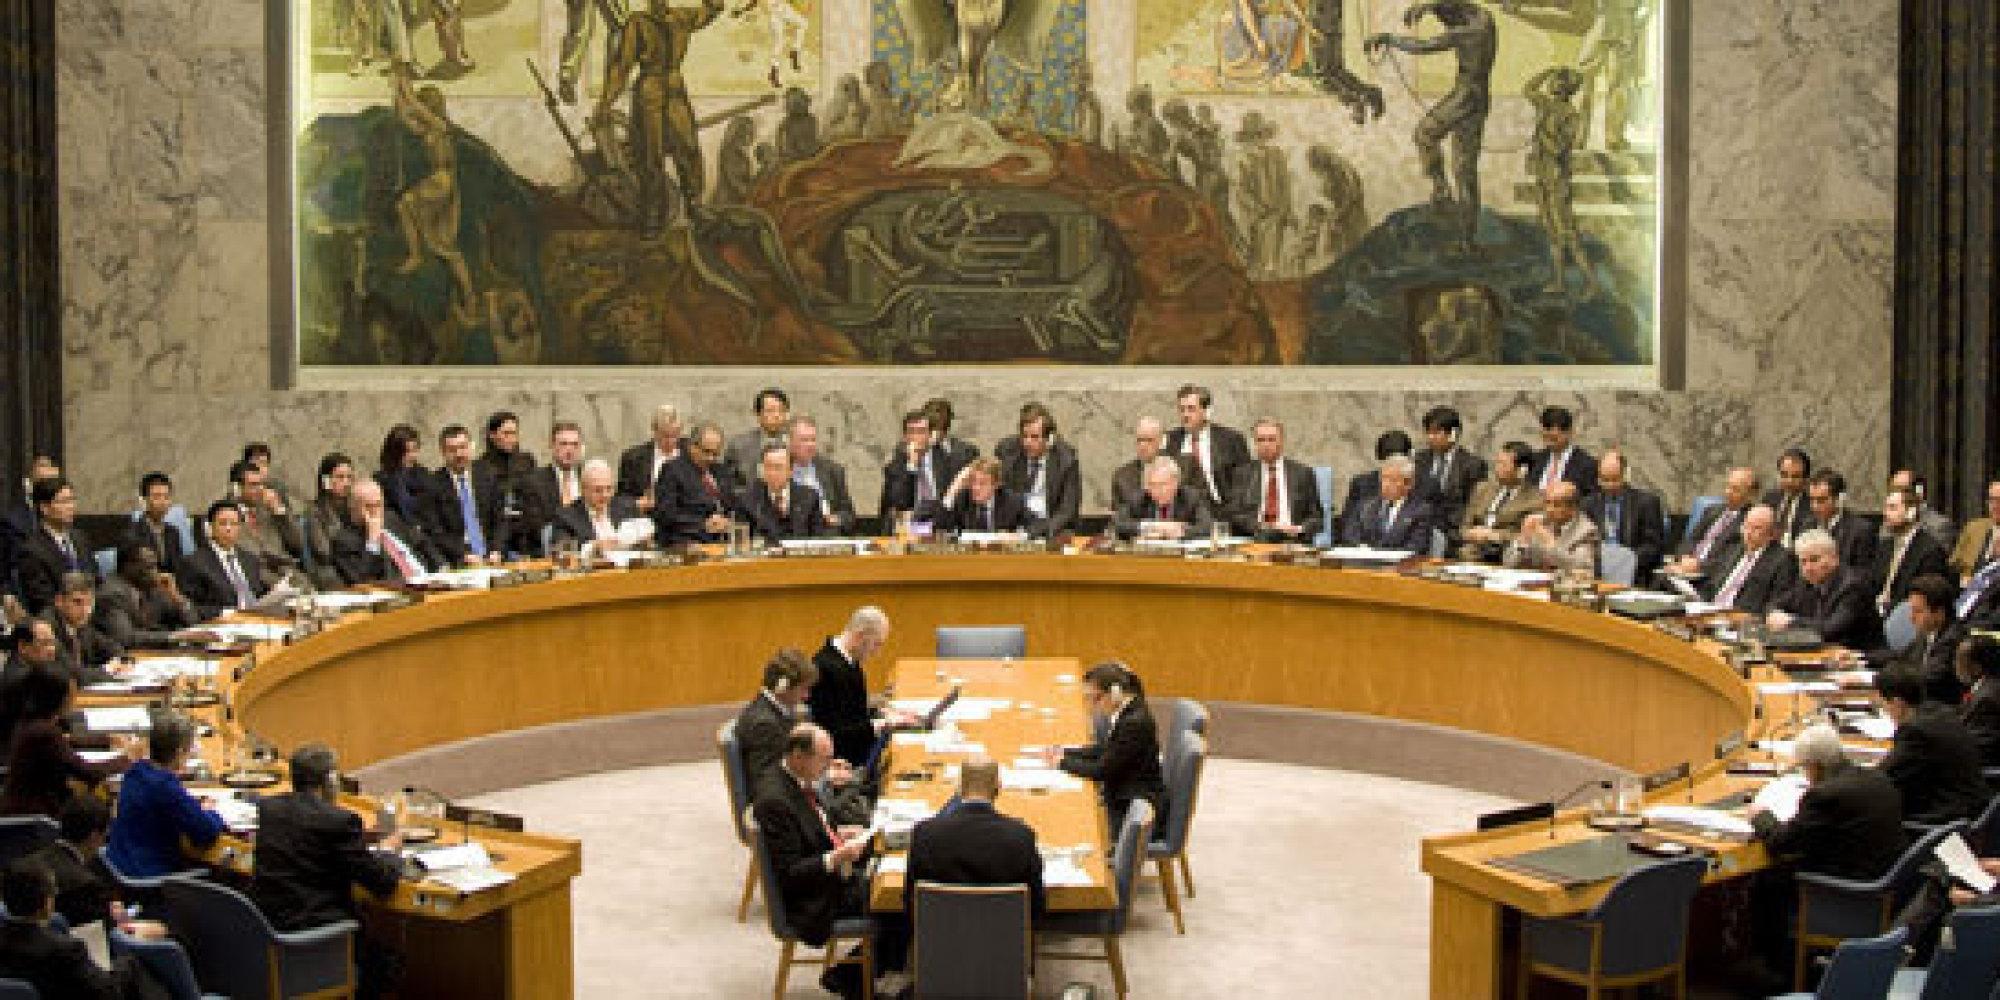 Gambie : le Conseil de sécurité appelle à nouveau Yahya Jammeh à rendre le pouvoir au président élu Adama Barrow